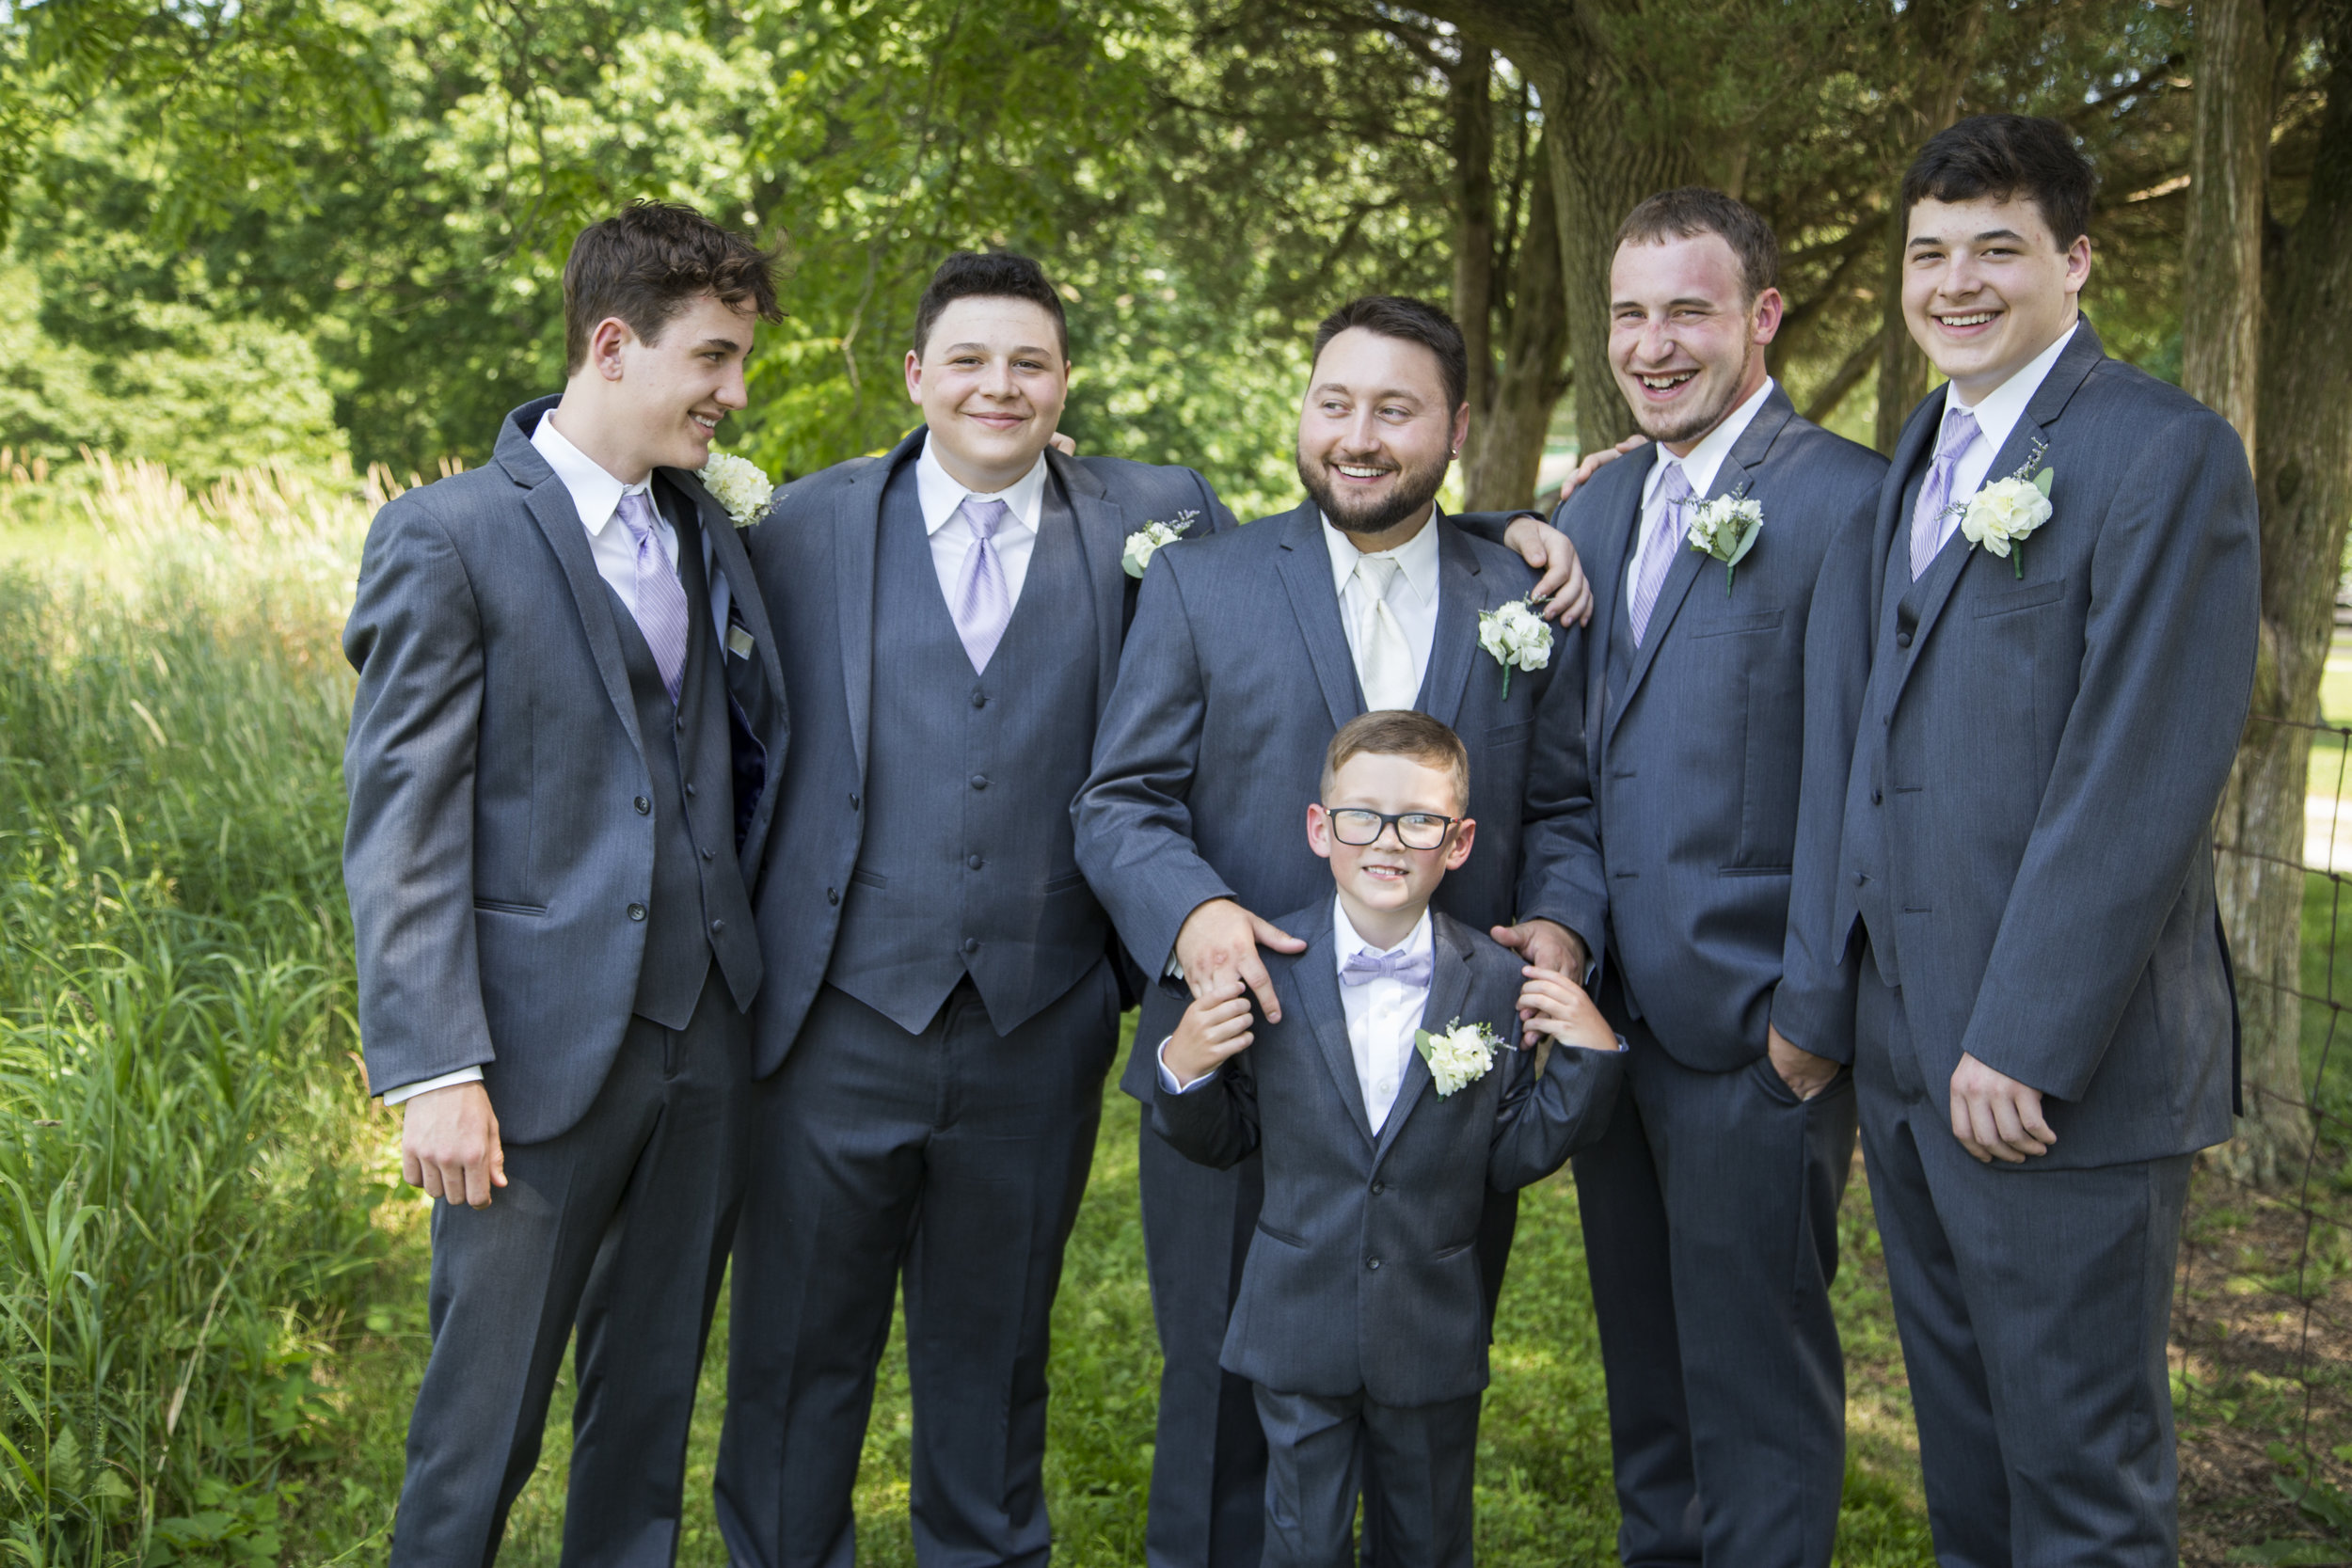 weddingparty41.JPG